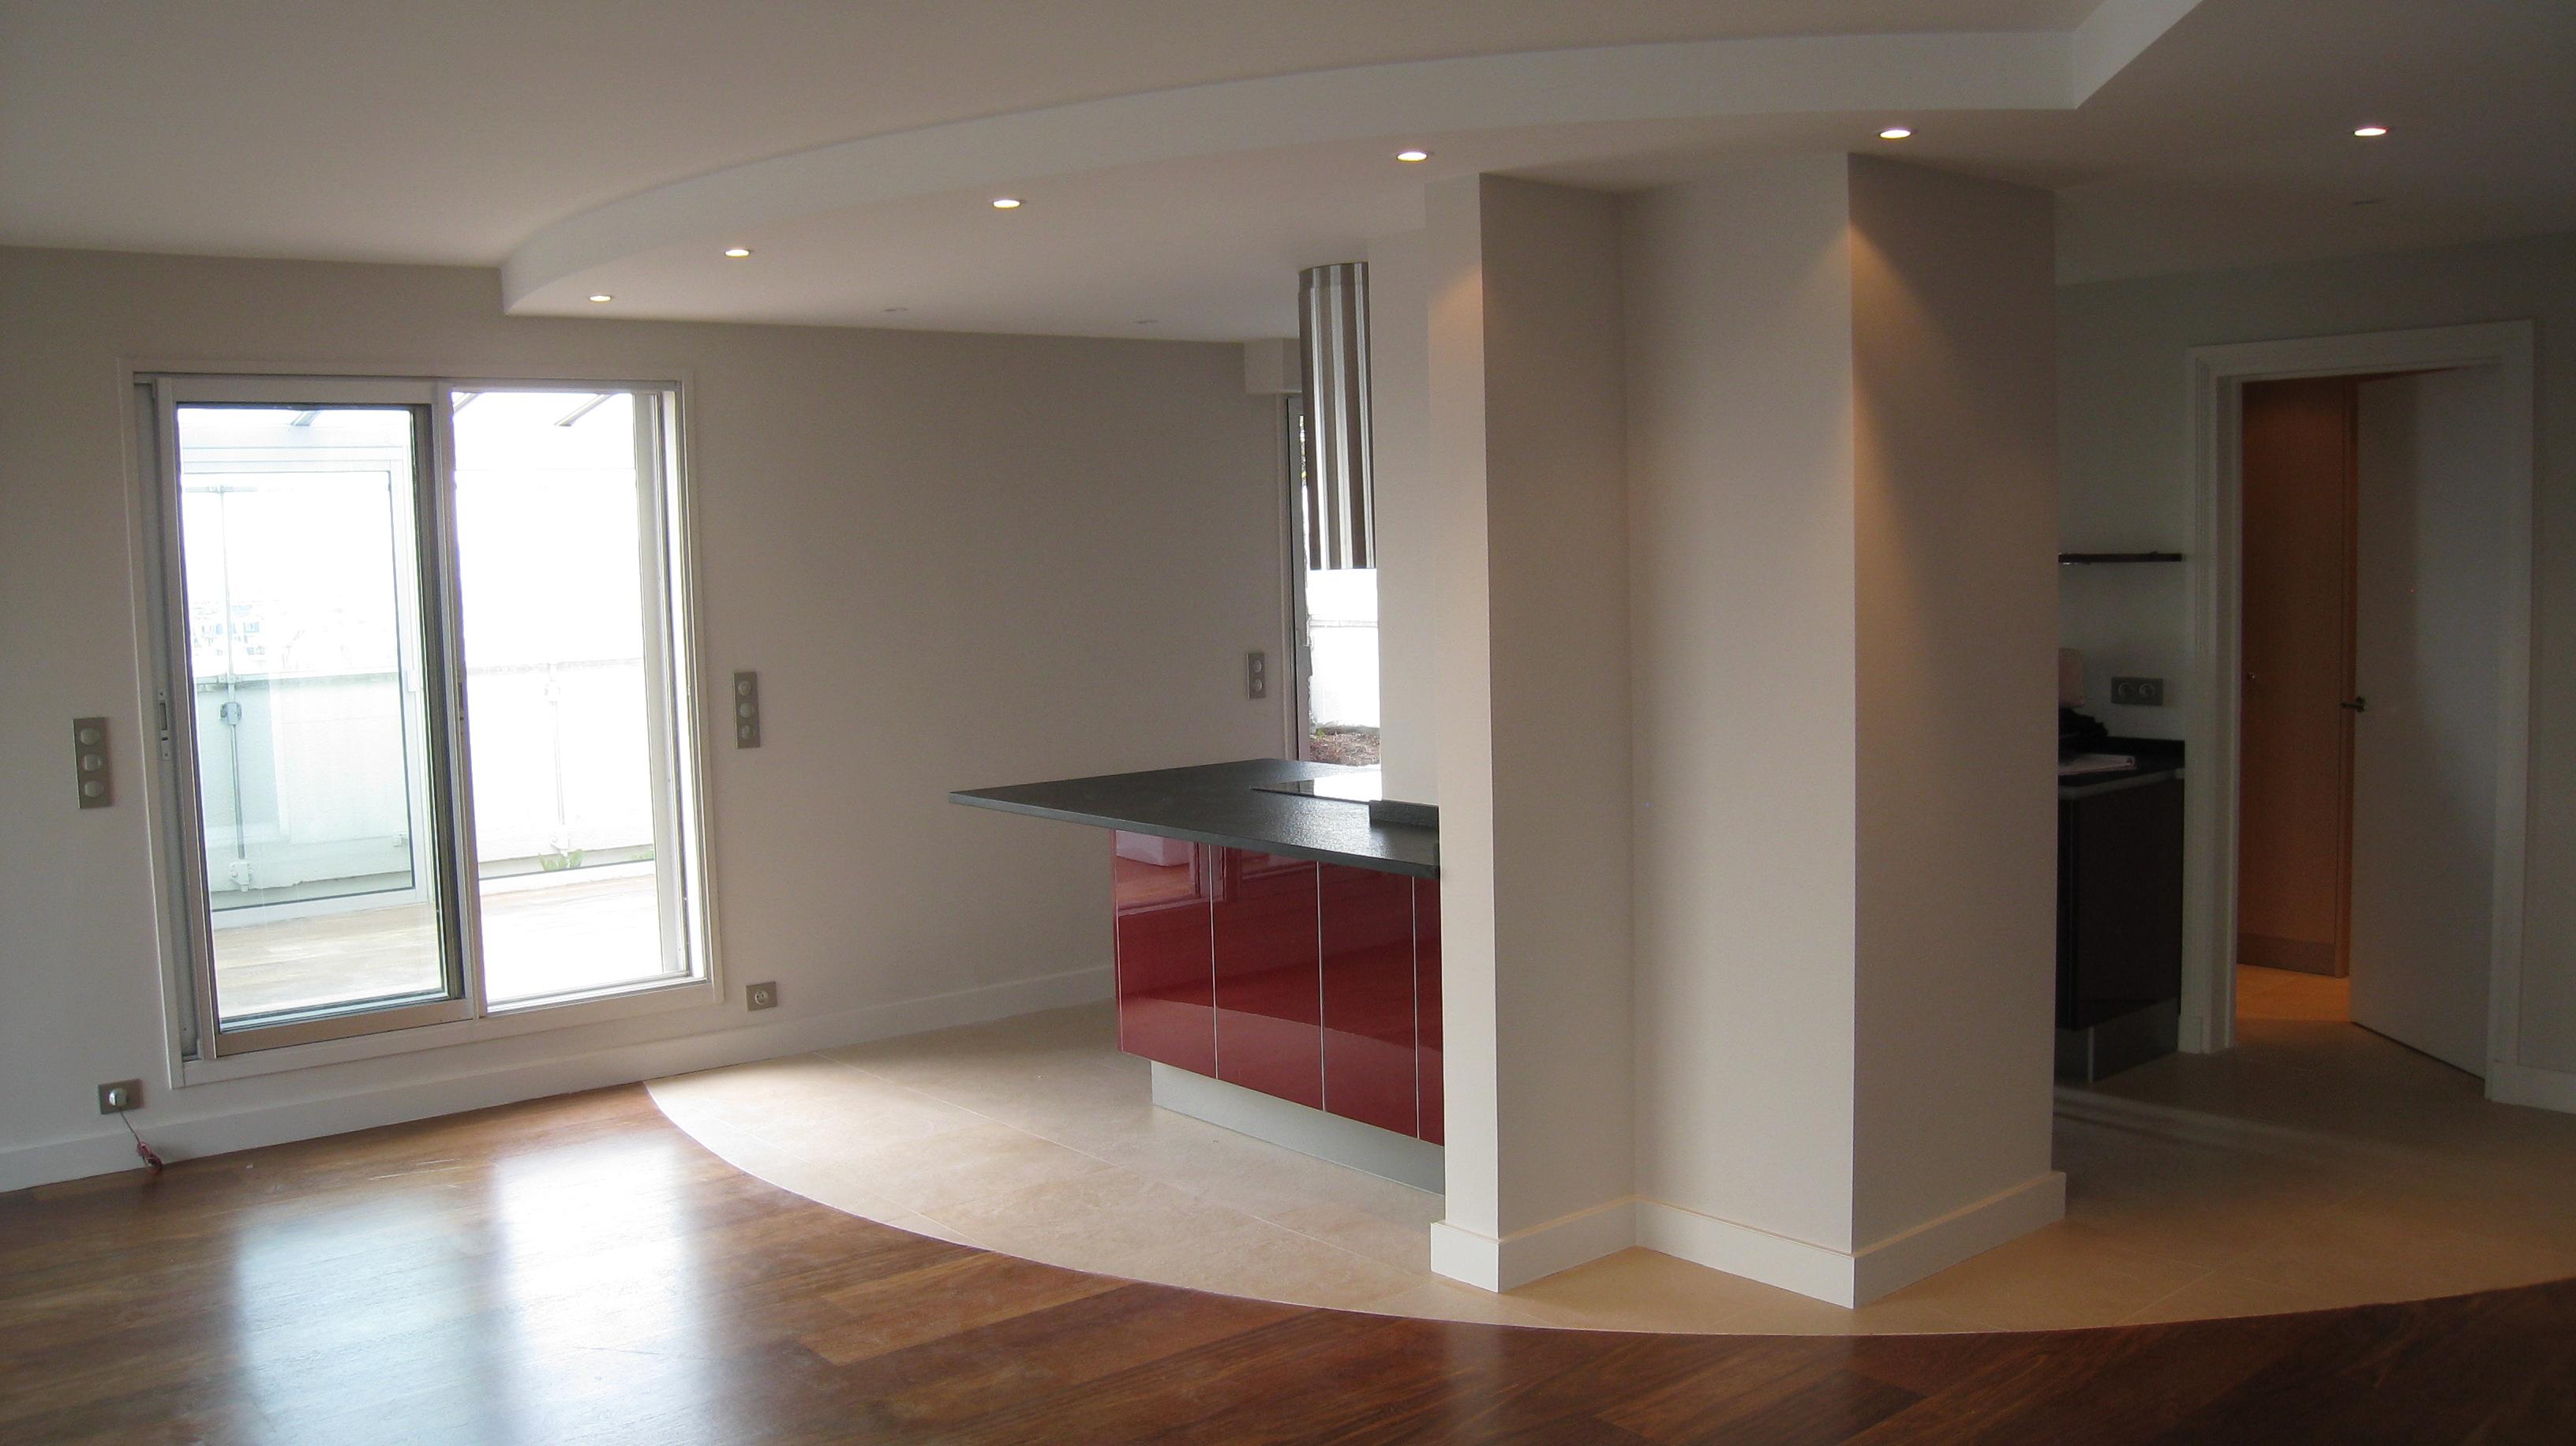 Appartement en espace ouvert neuilly sur seine for Appartement cuisine ouverte